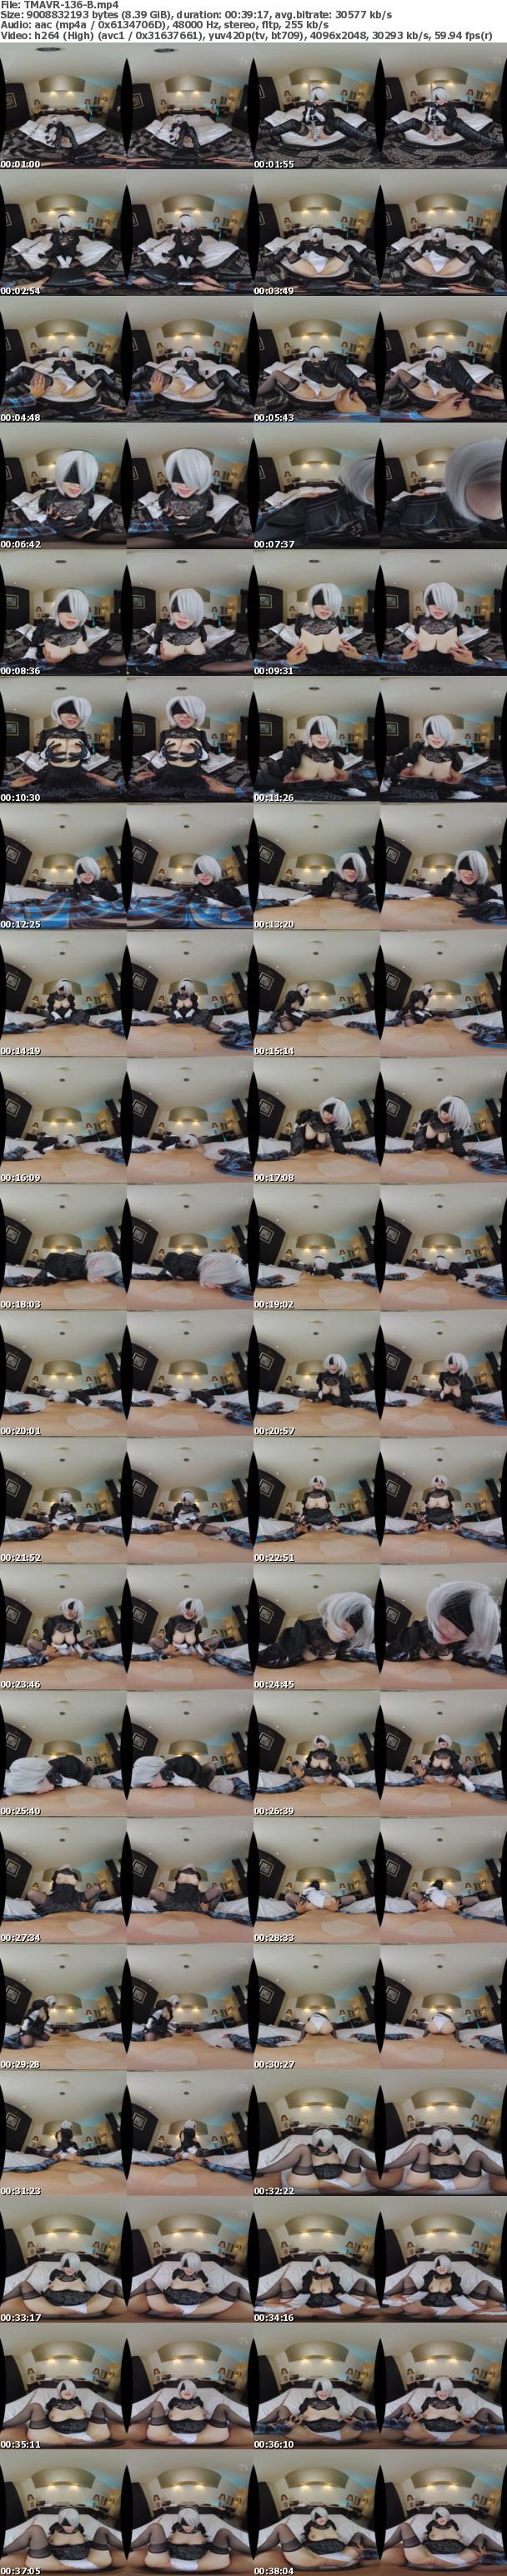 (VR) TMAVR-136 爆乳コスプレイヤー彼女と個人撮影オフパコ性交 ゆきの 凪沙ゆきの